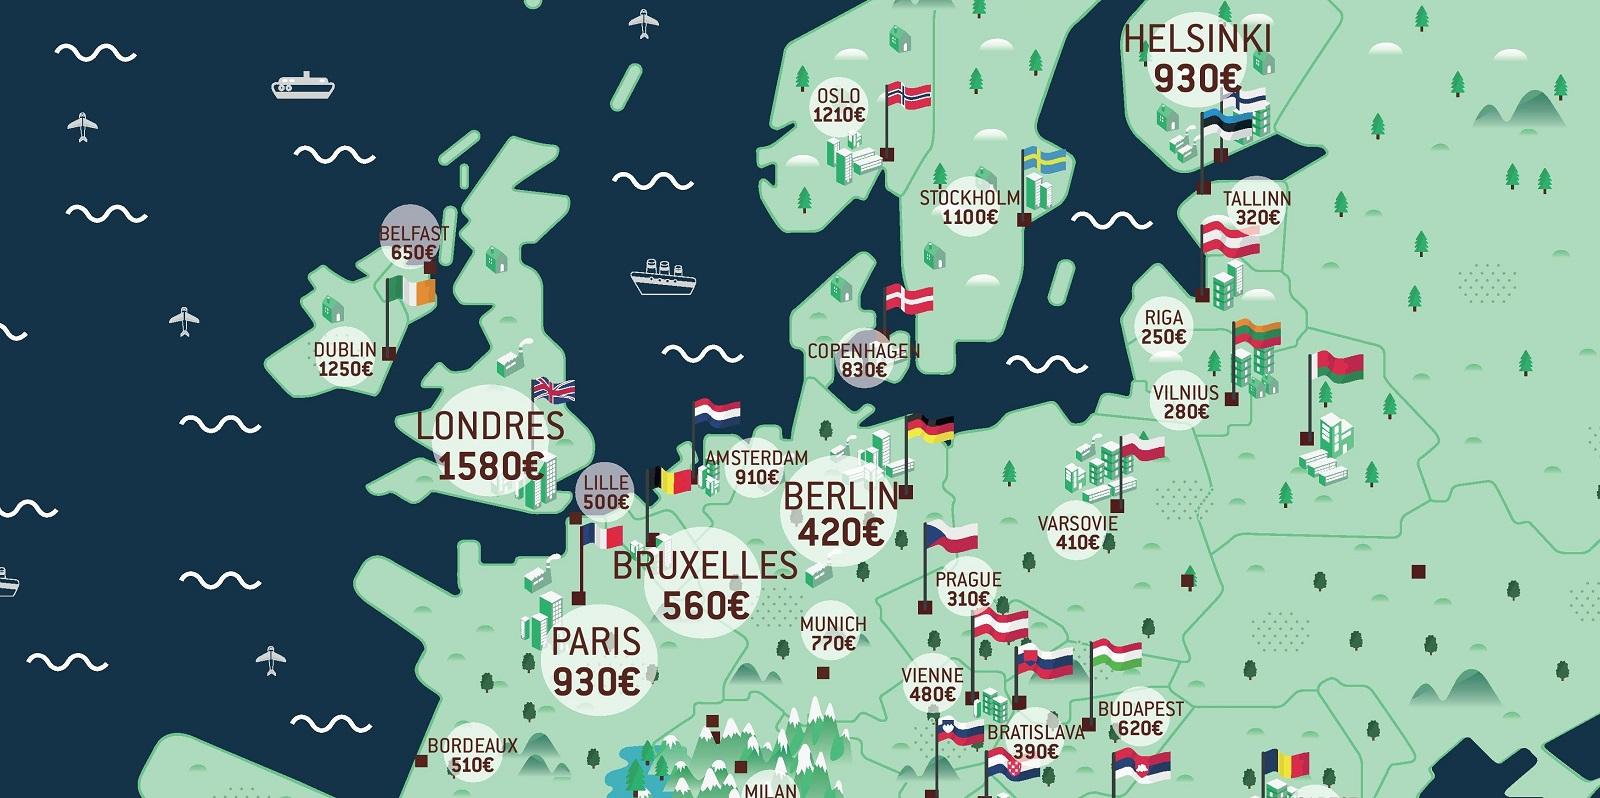 Loyers : Quelles Sont Les Villes Étudiantes Les Moins Chères intérieur Carte Europe Pays Capitales